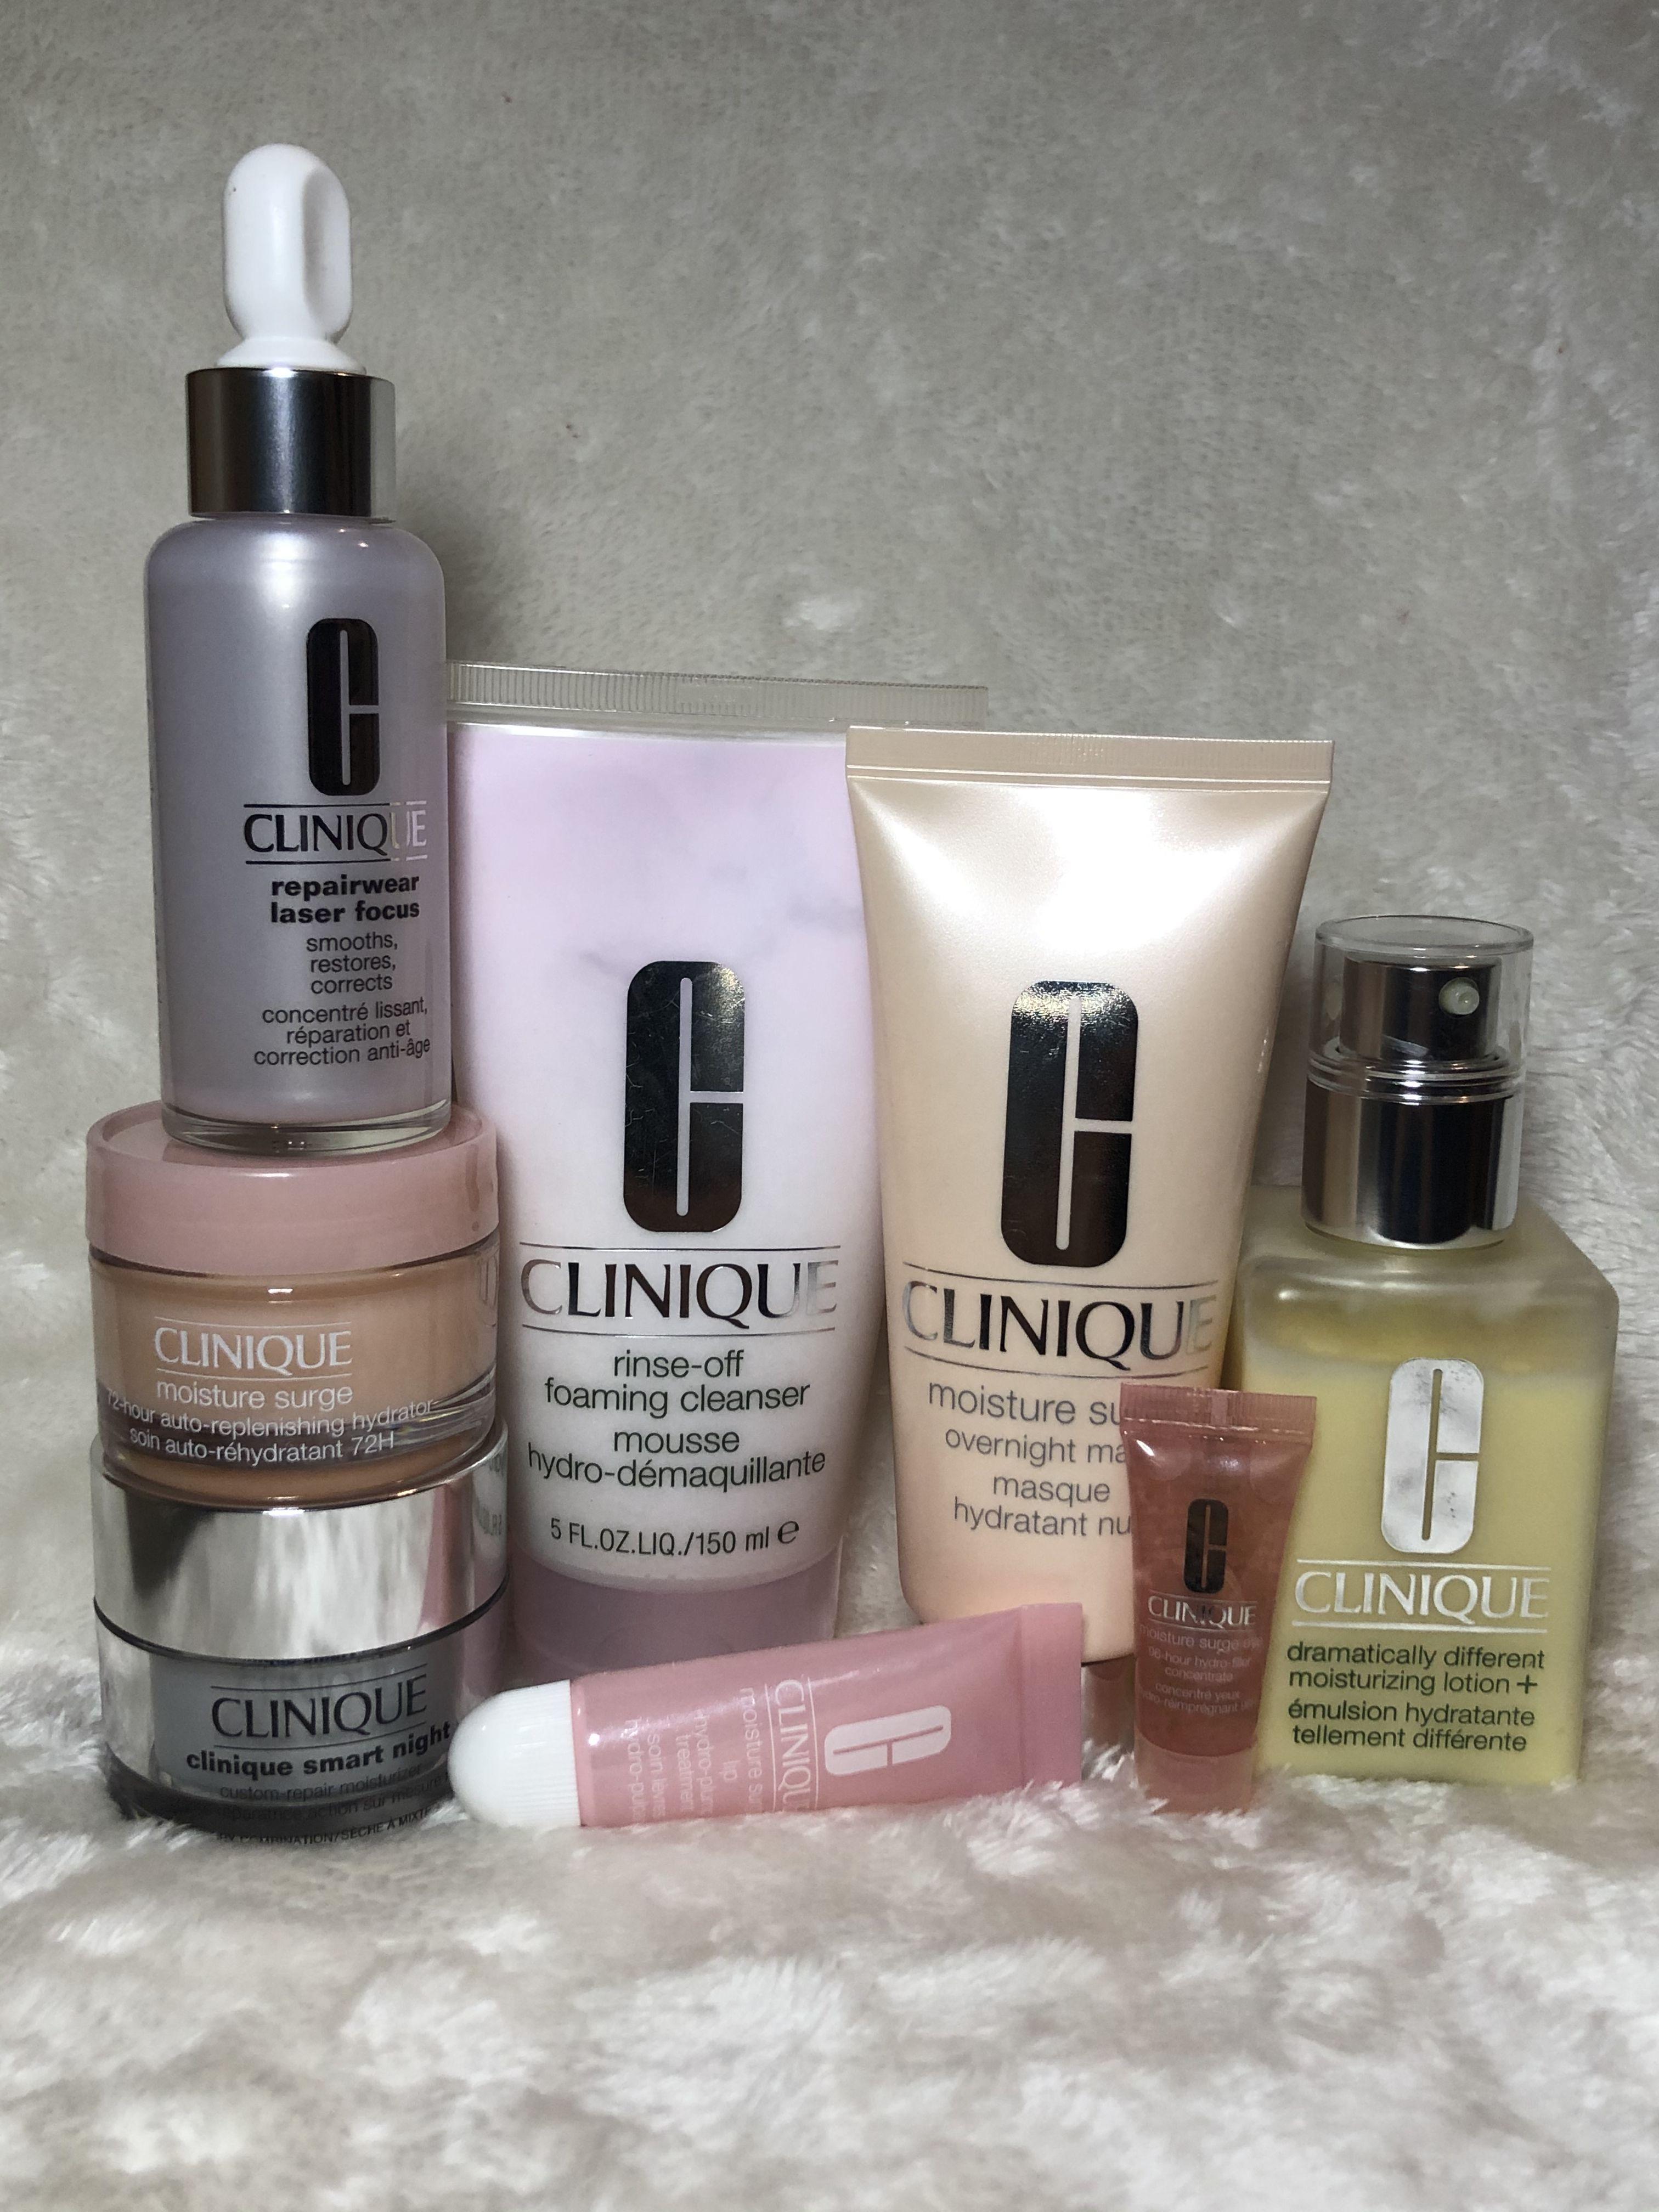 Skincare Routine Clinique Skincare Routine Top Skin Care Products Clinique Skincare